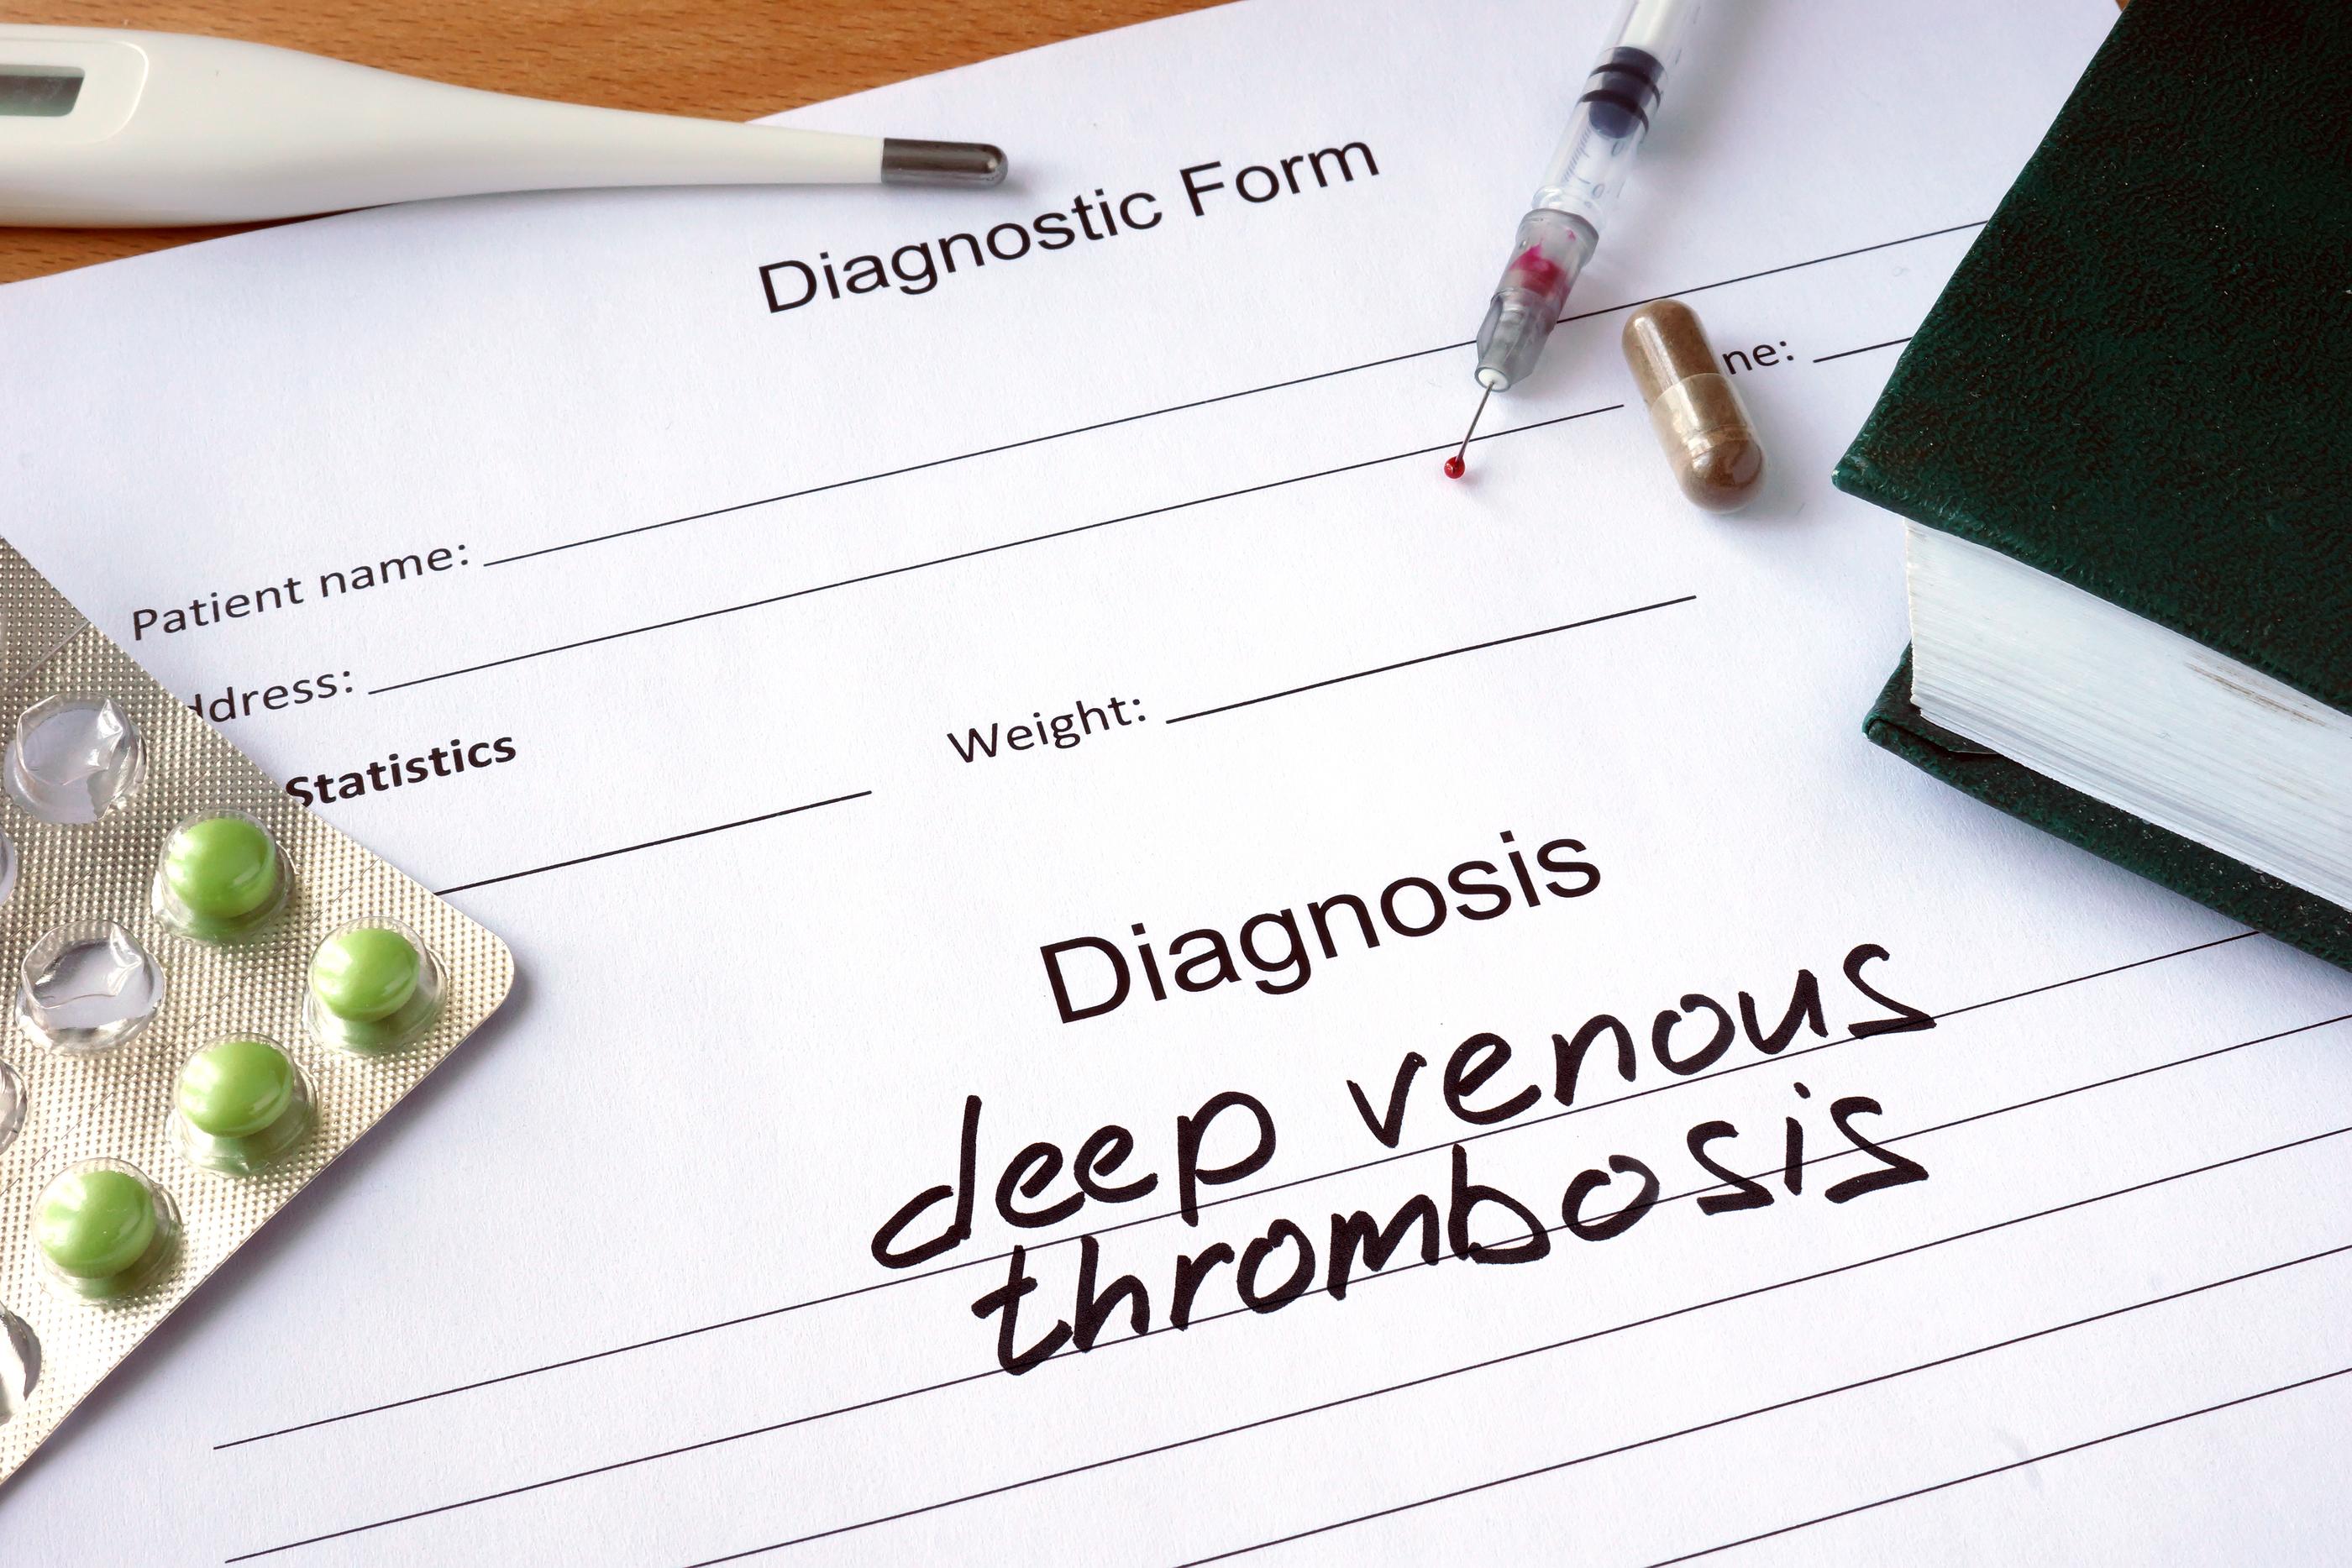 deep venous thrombosis